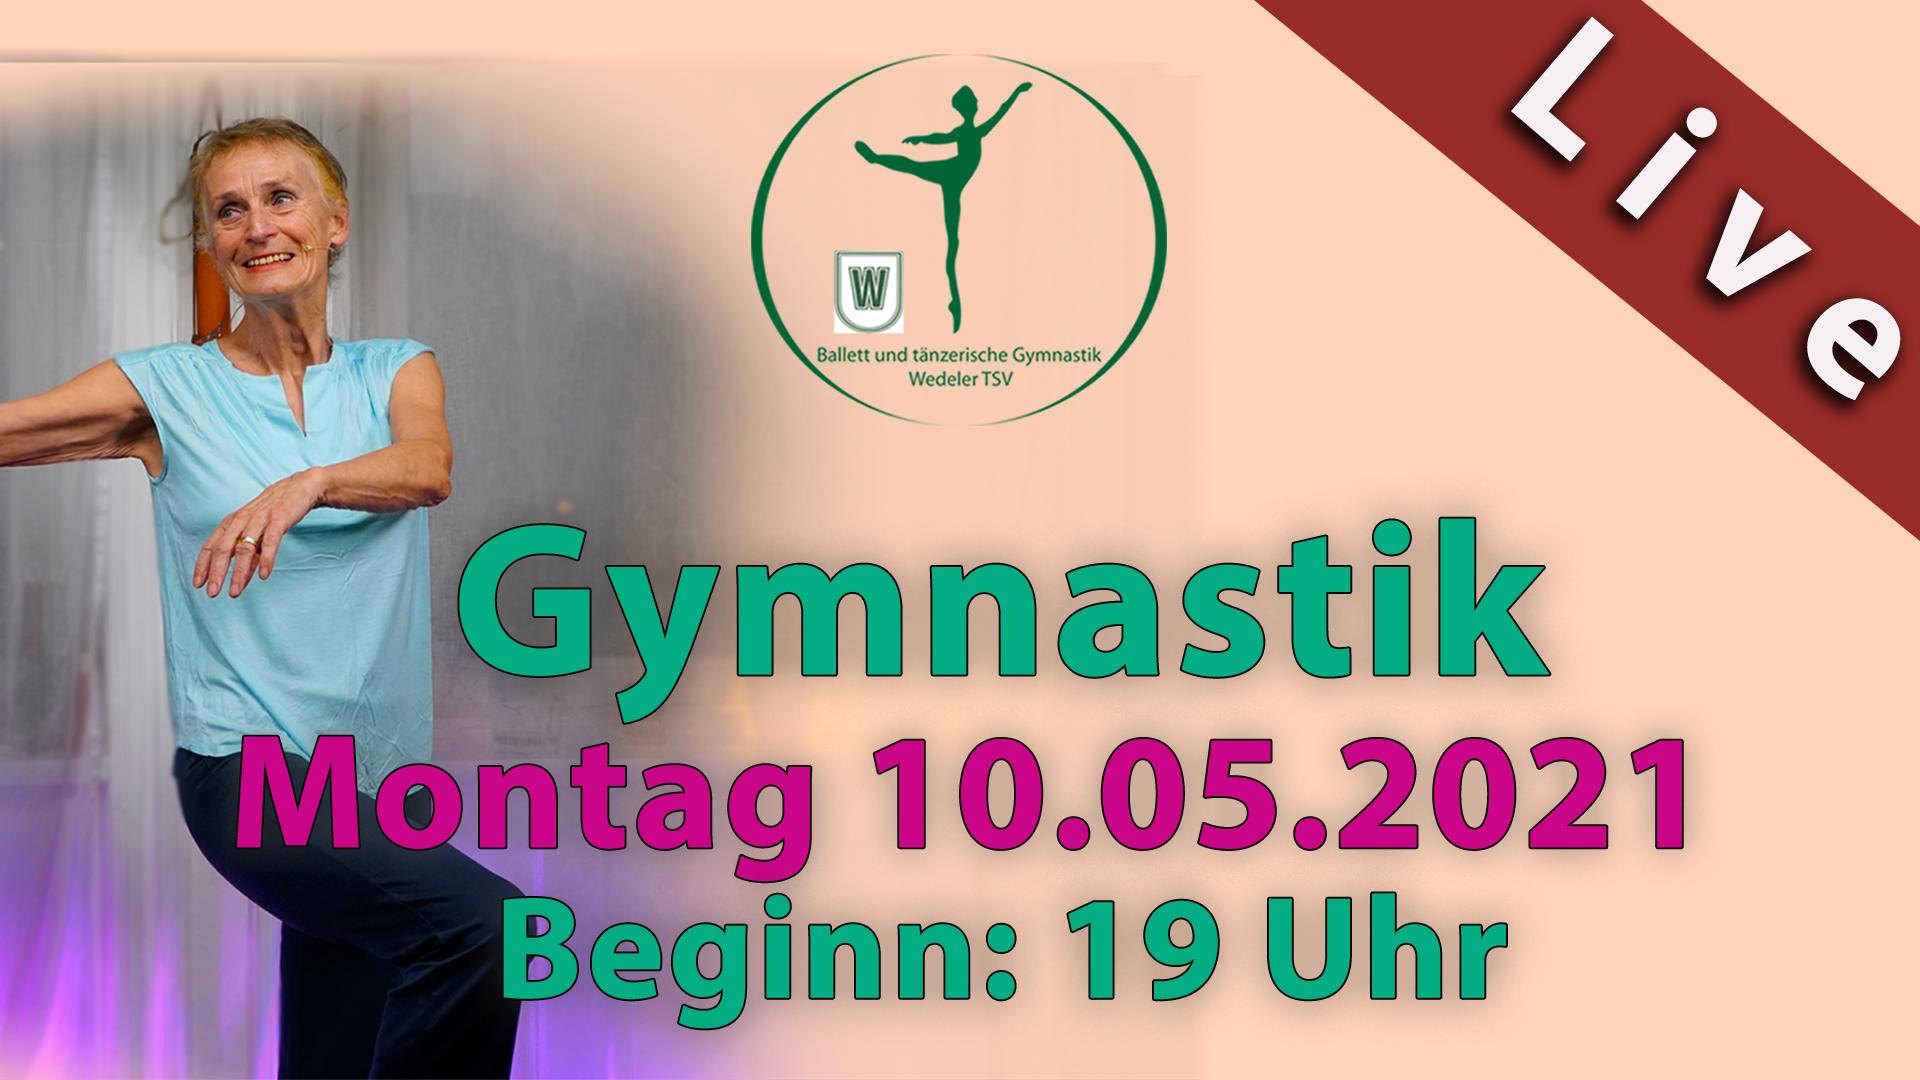 Gymnastik Livestream | Mo 10.05.2021 | 19 Uhr